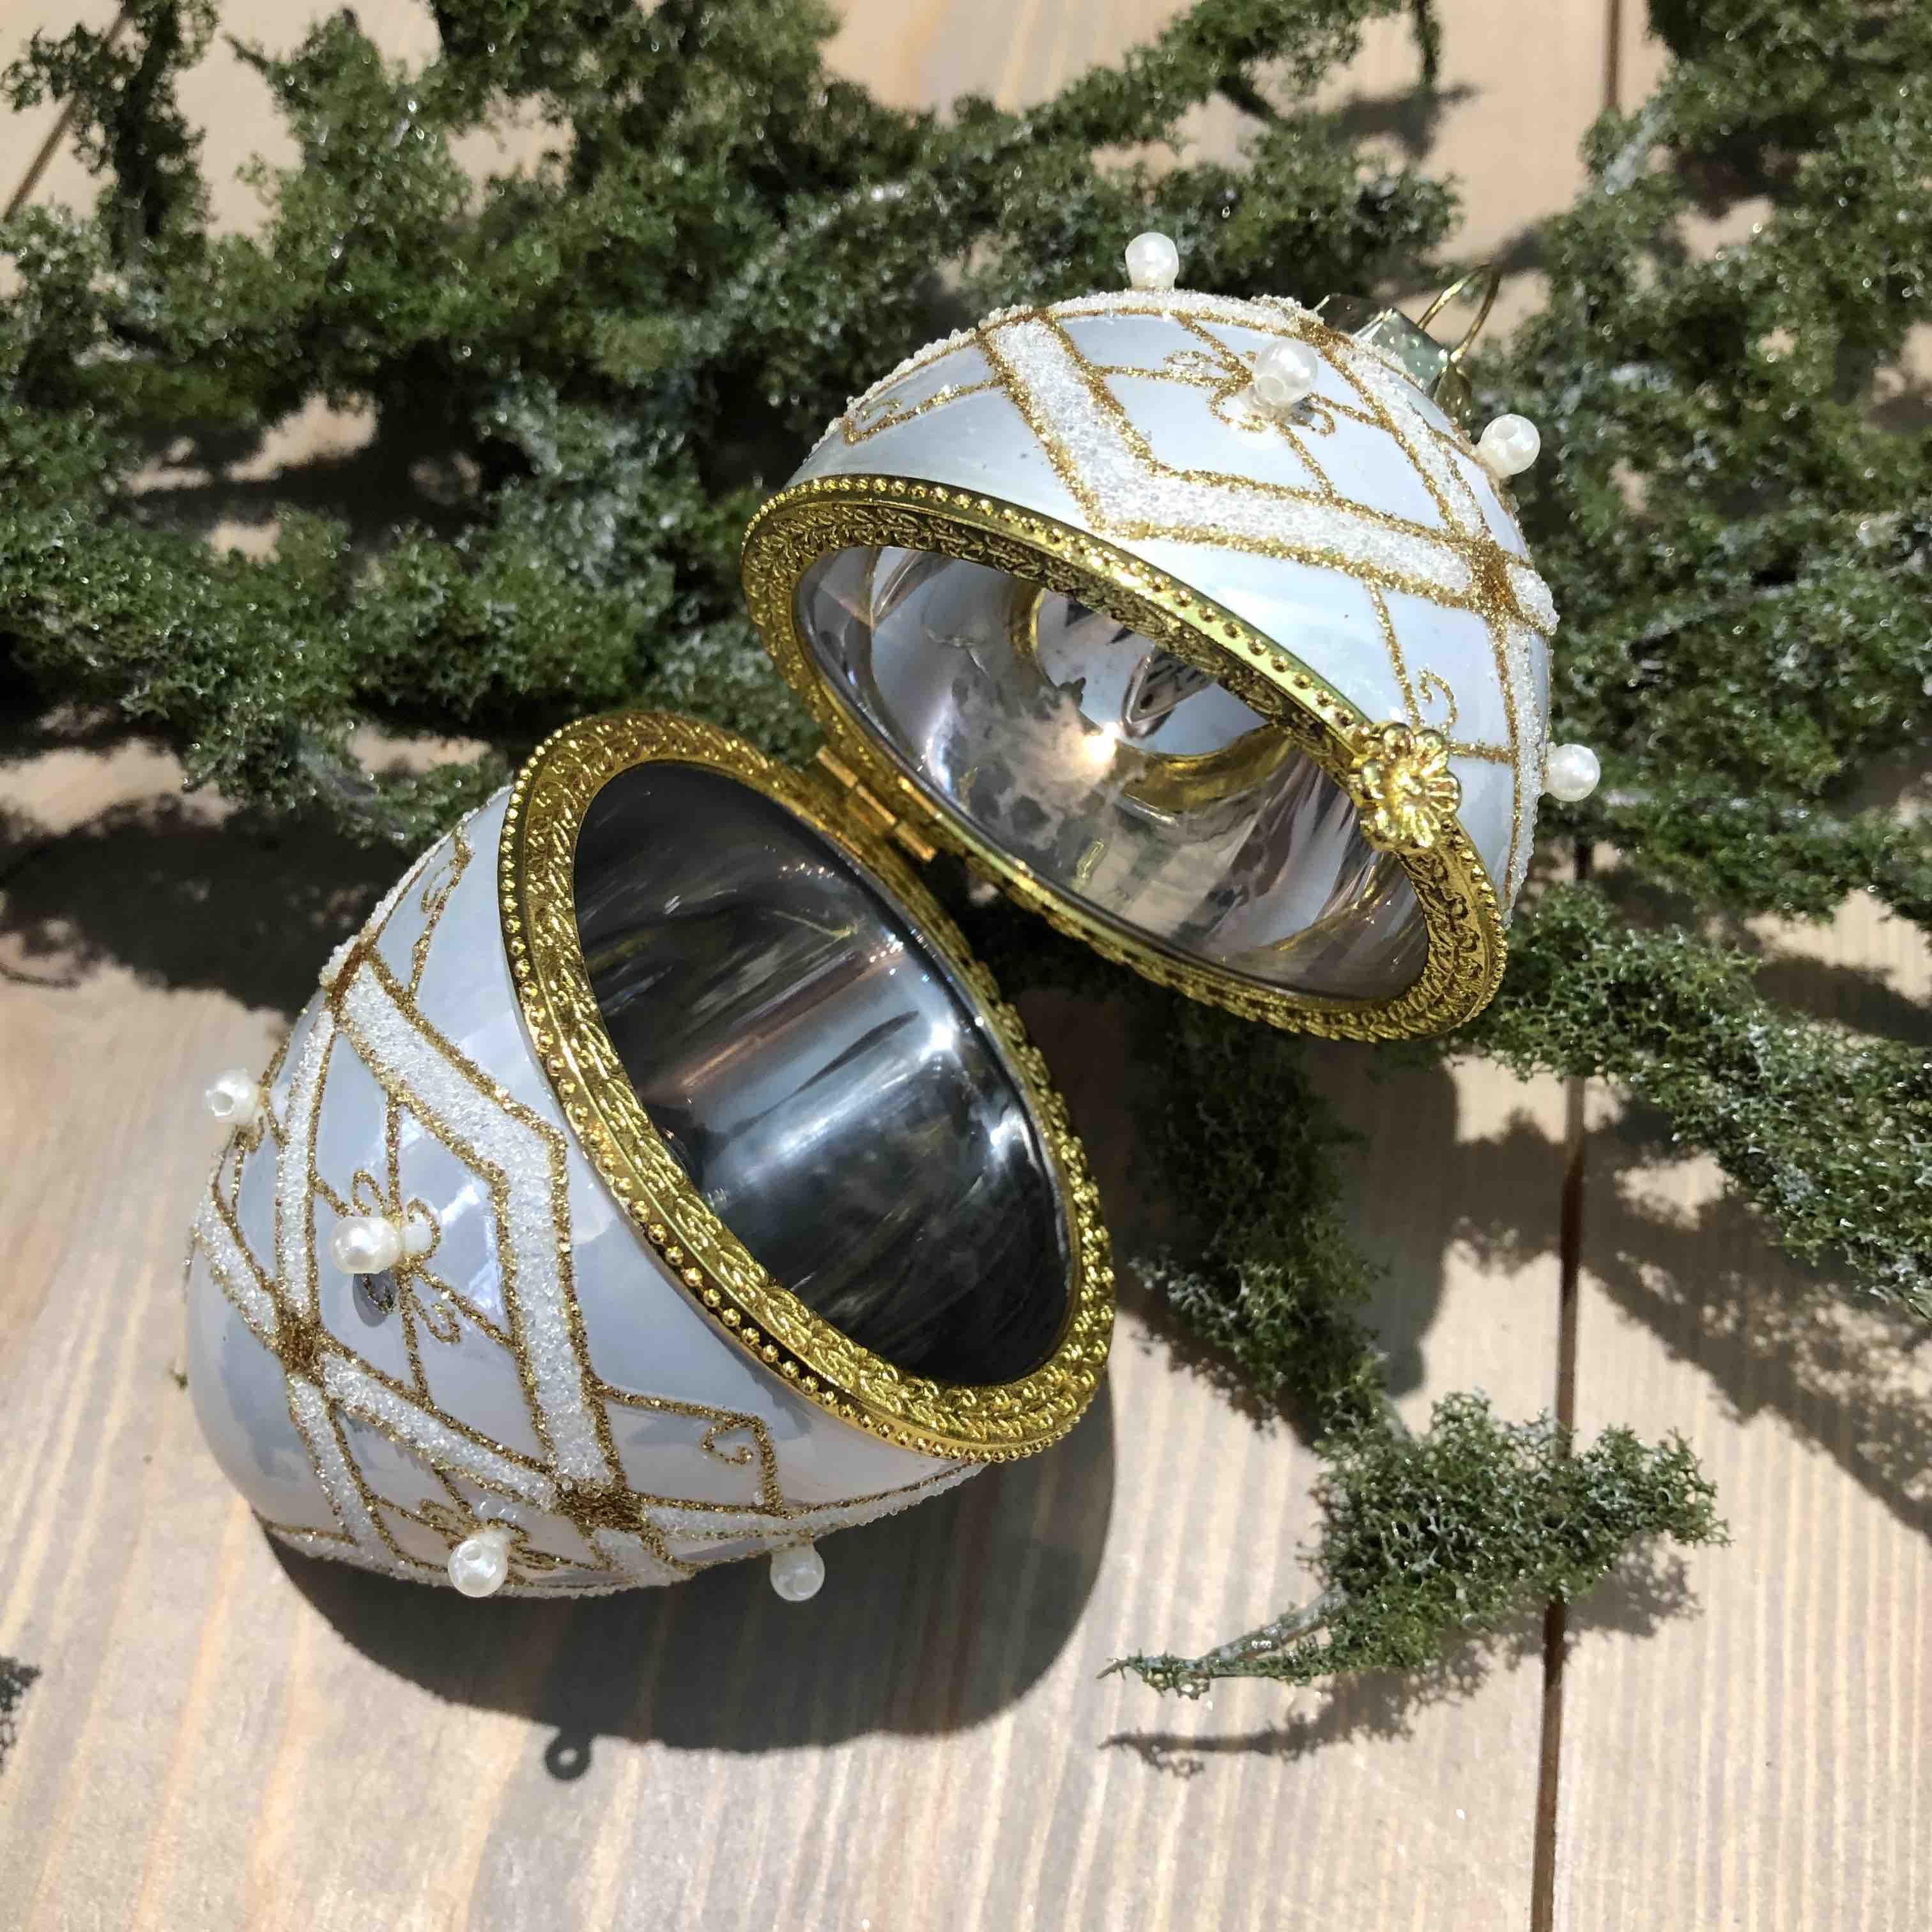 Faberge Egg Decoration